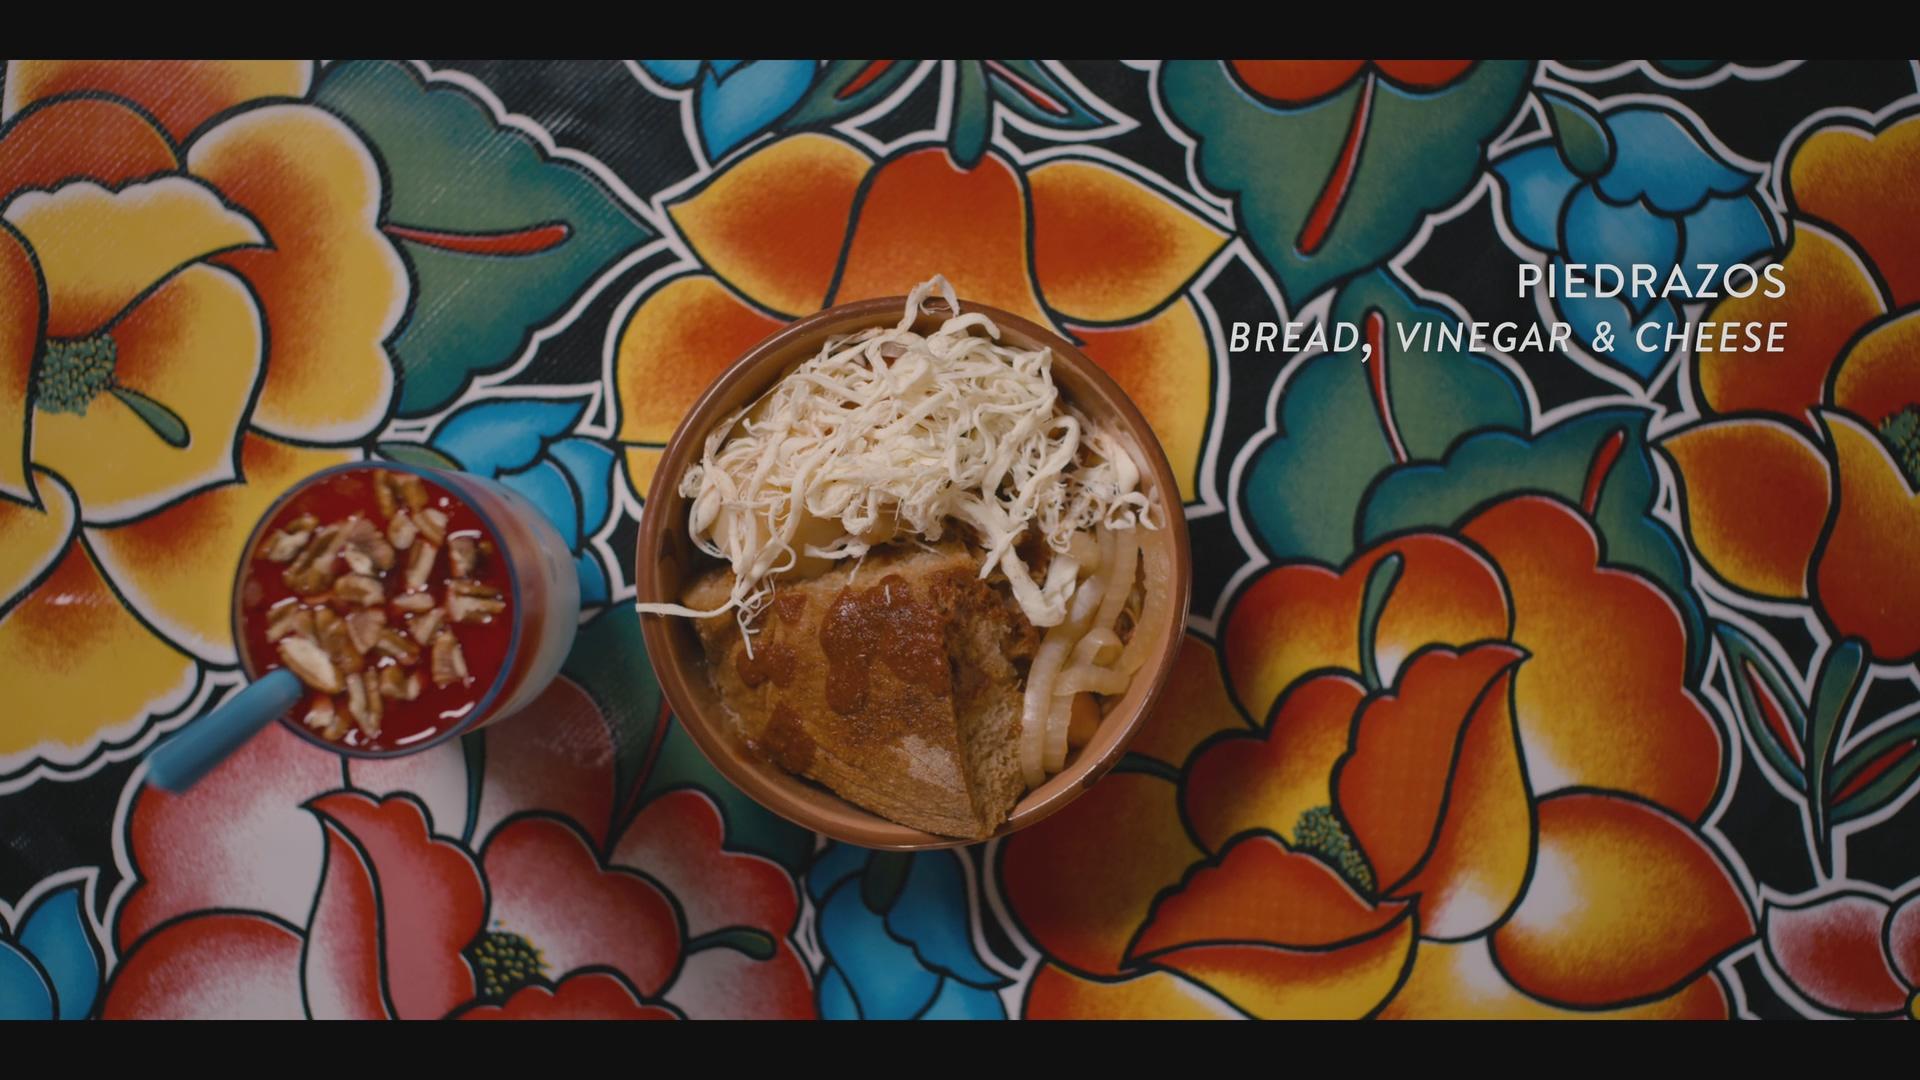 纪录片.街头小吃:拉丁美洲.S01E03.2020[IMDB 8.2]